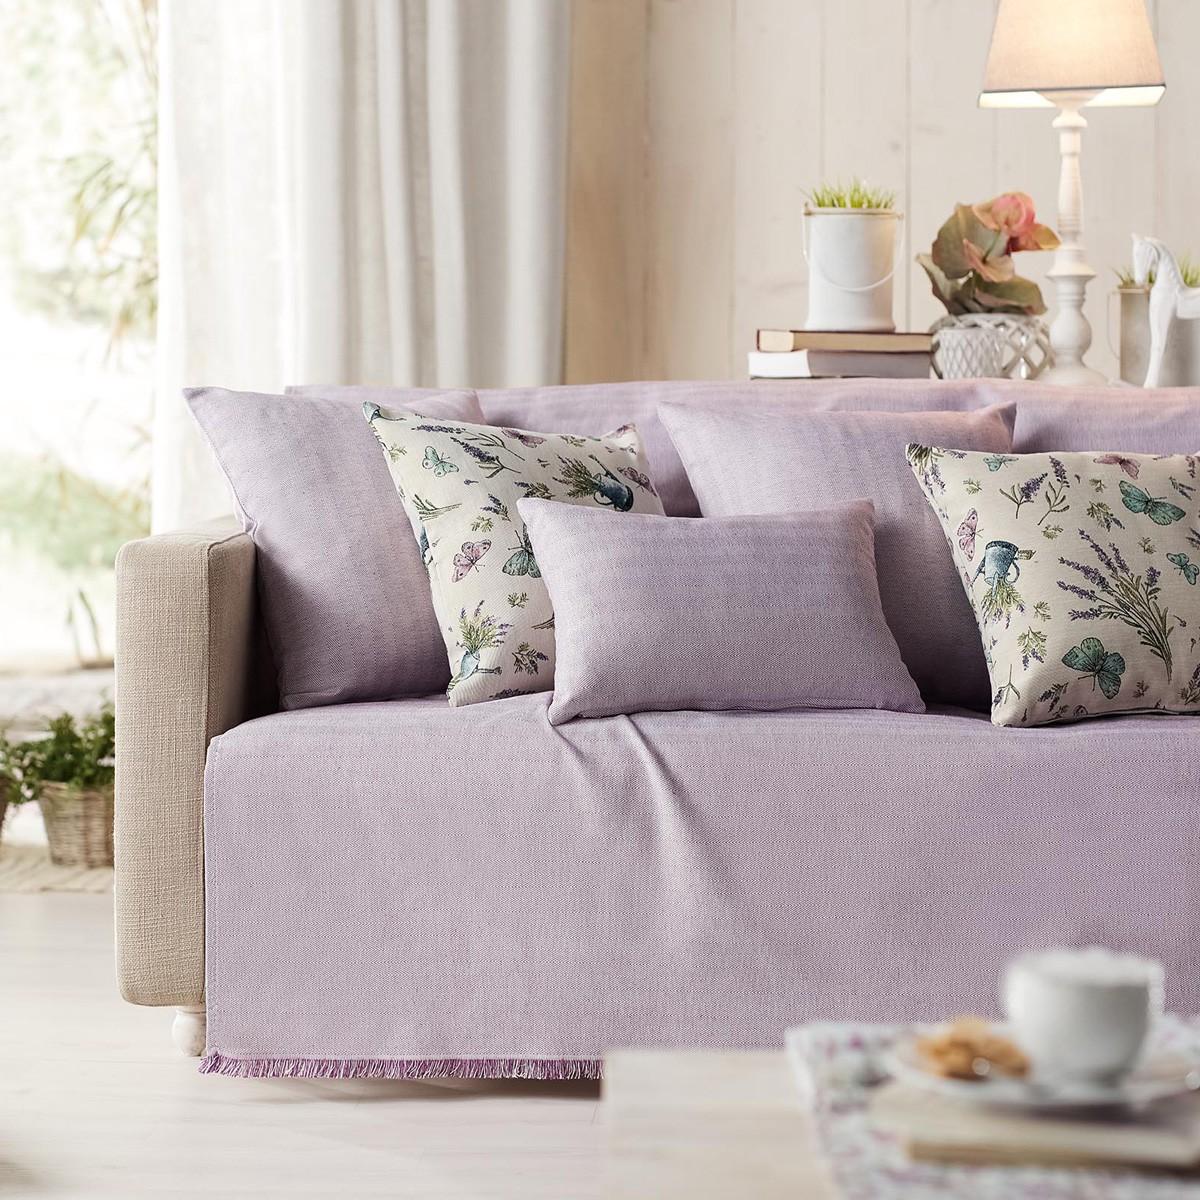 Ριχτάρι Πολυθρόνας (180x180) Gofis Home Herring Purple 732/19